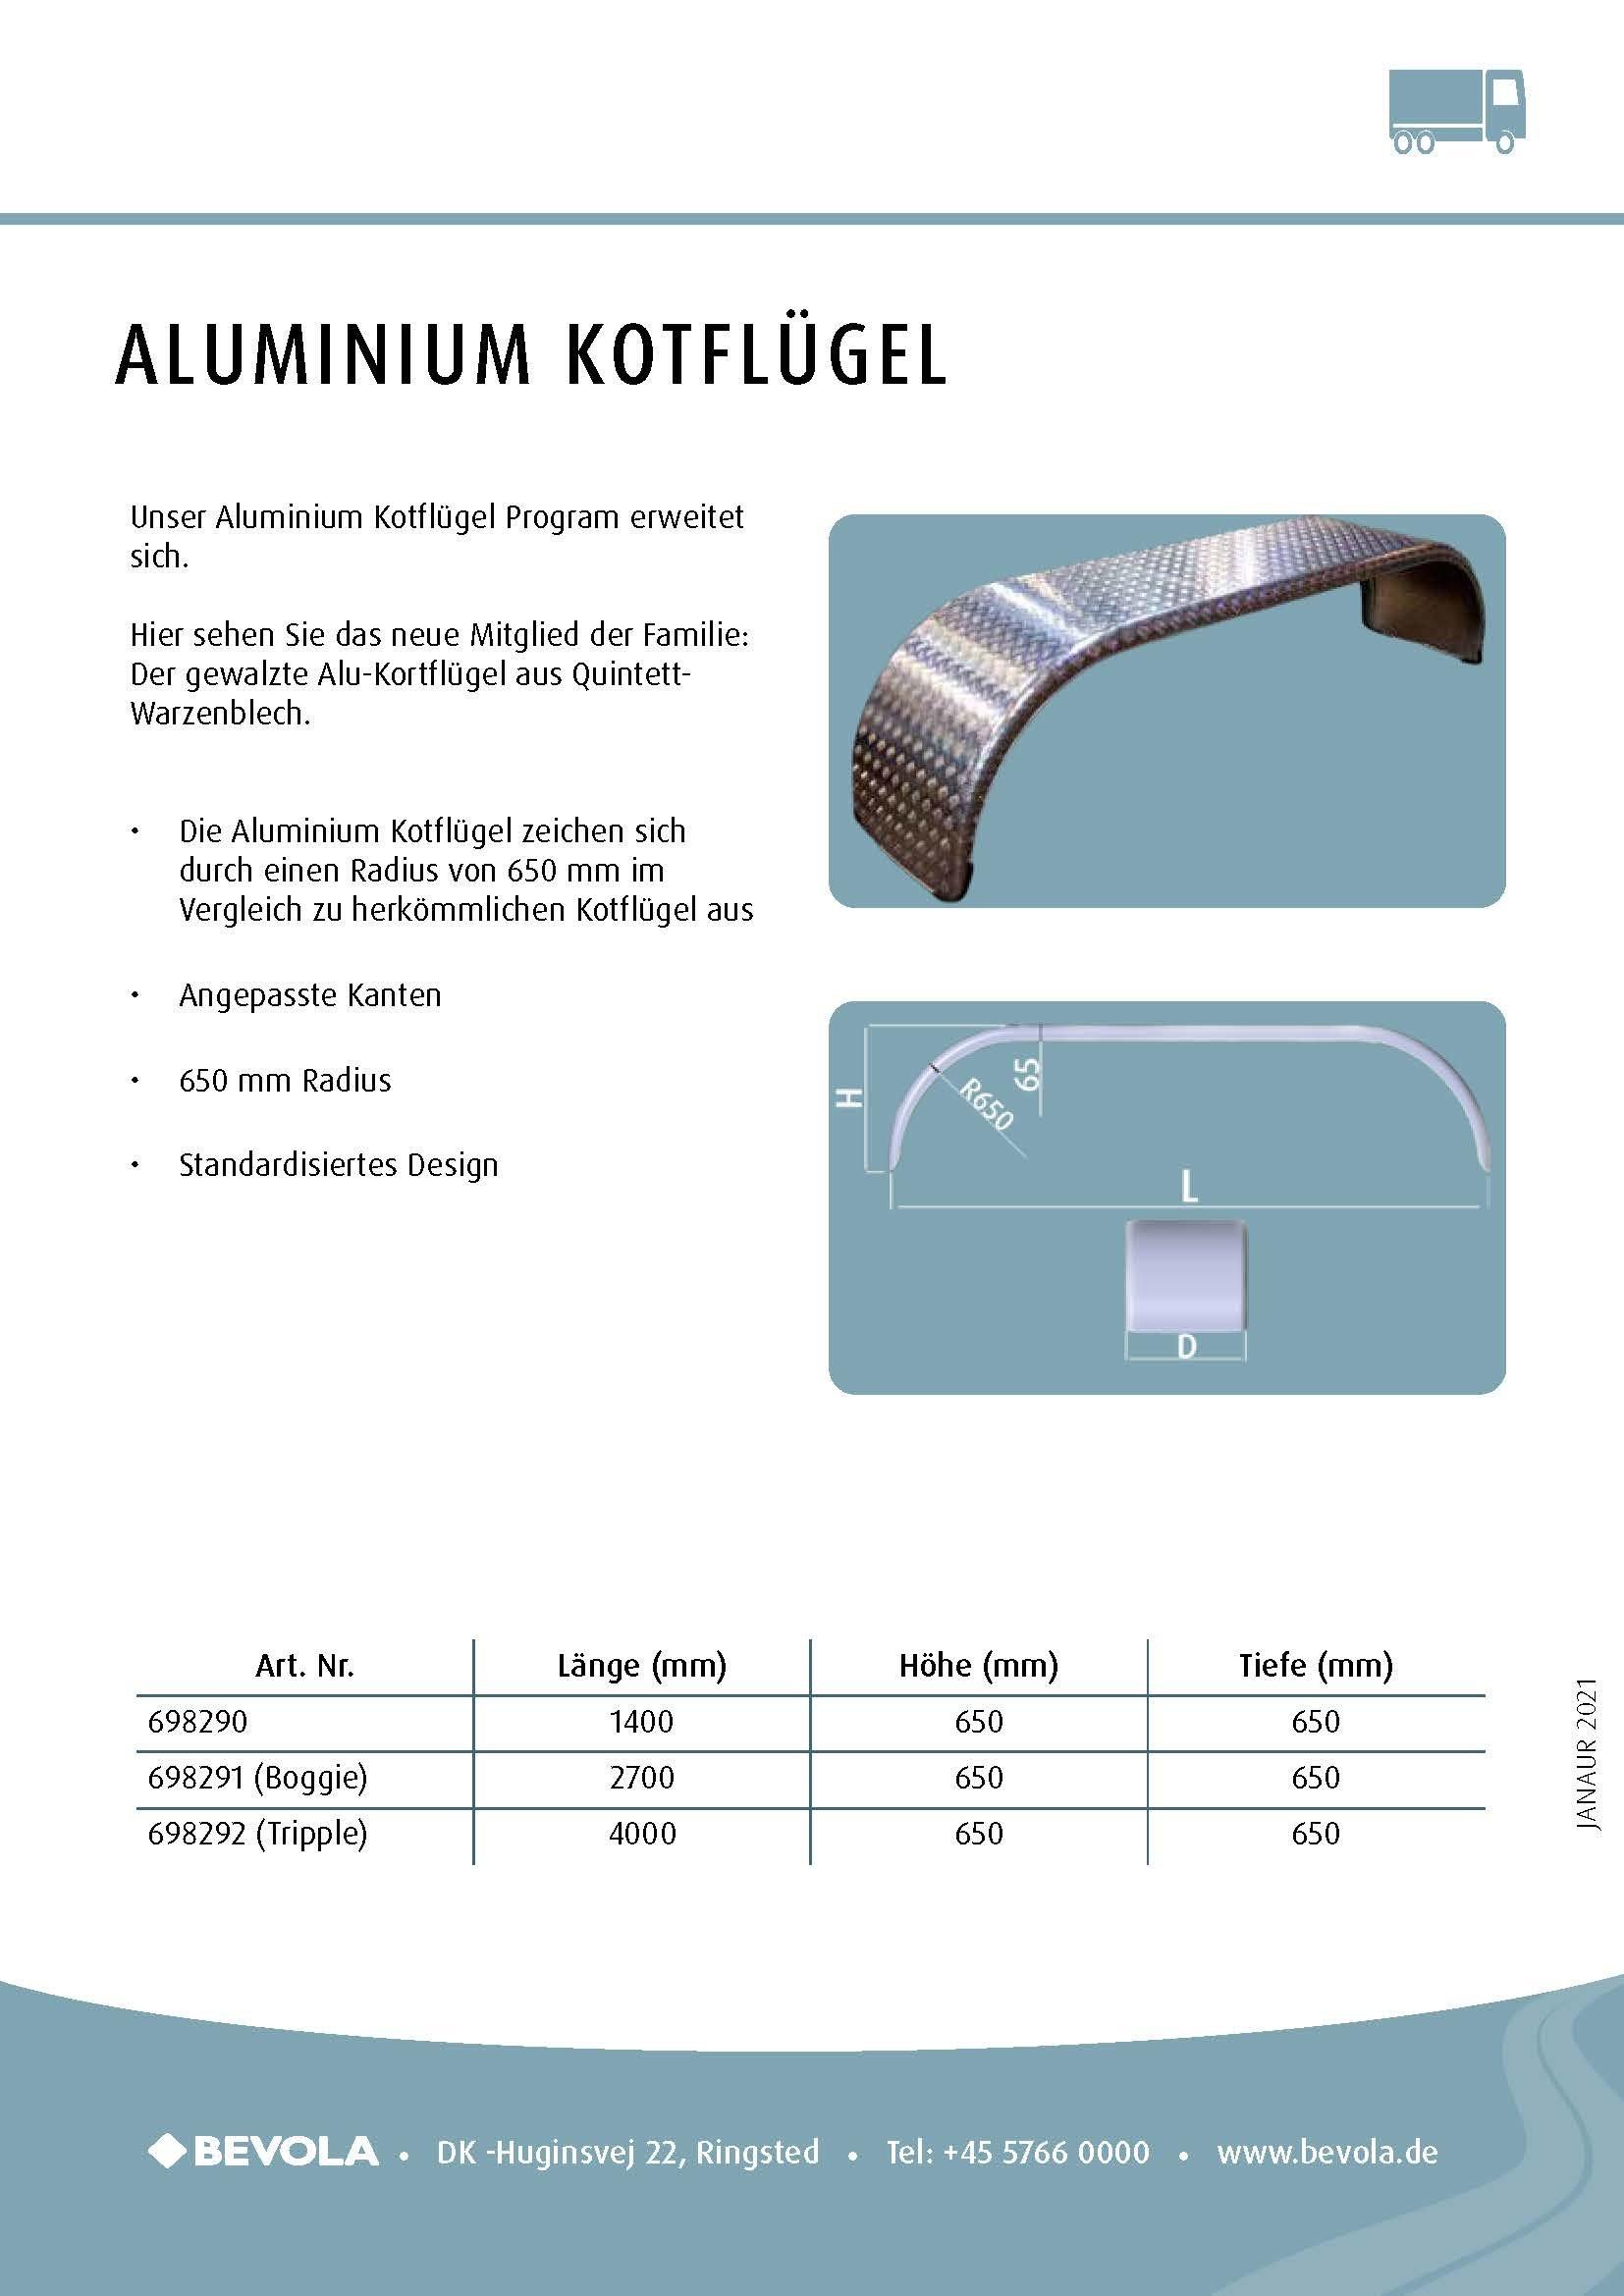 Aluminium-Kotflügel